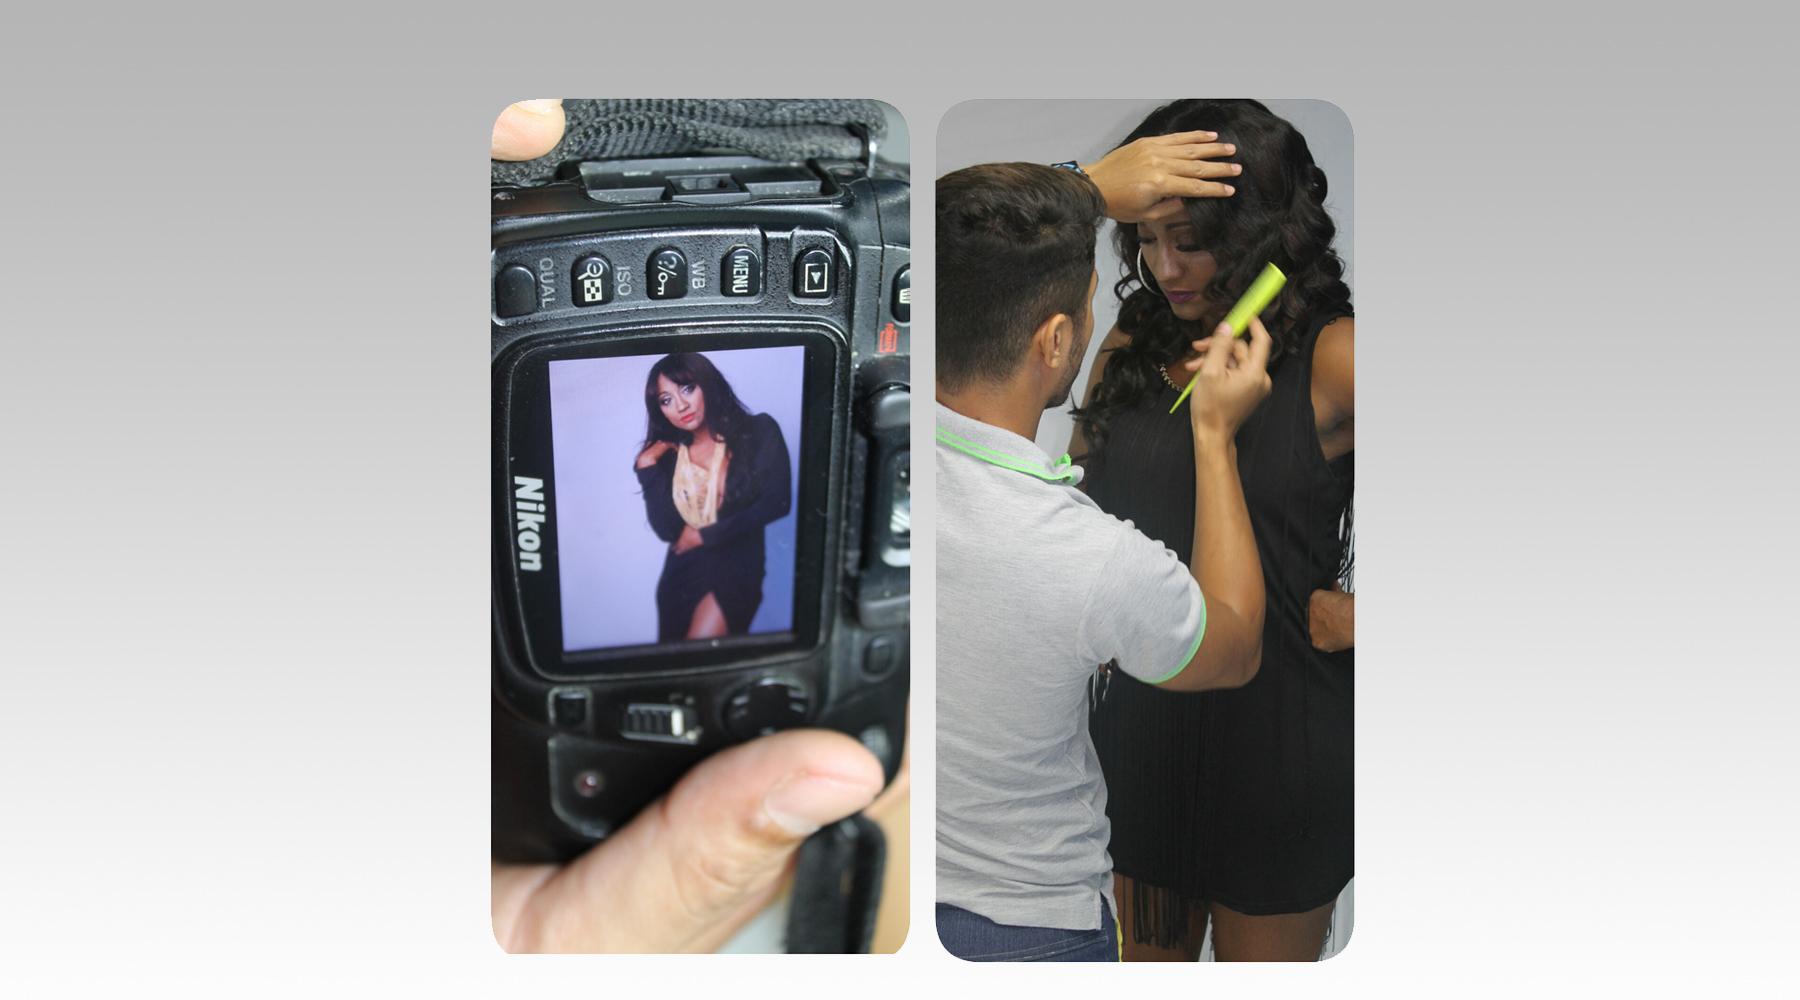 ¿Cómo prepararte para una sesión fotográfica?